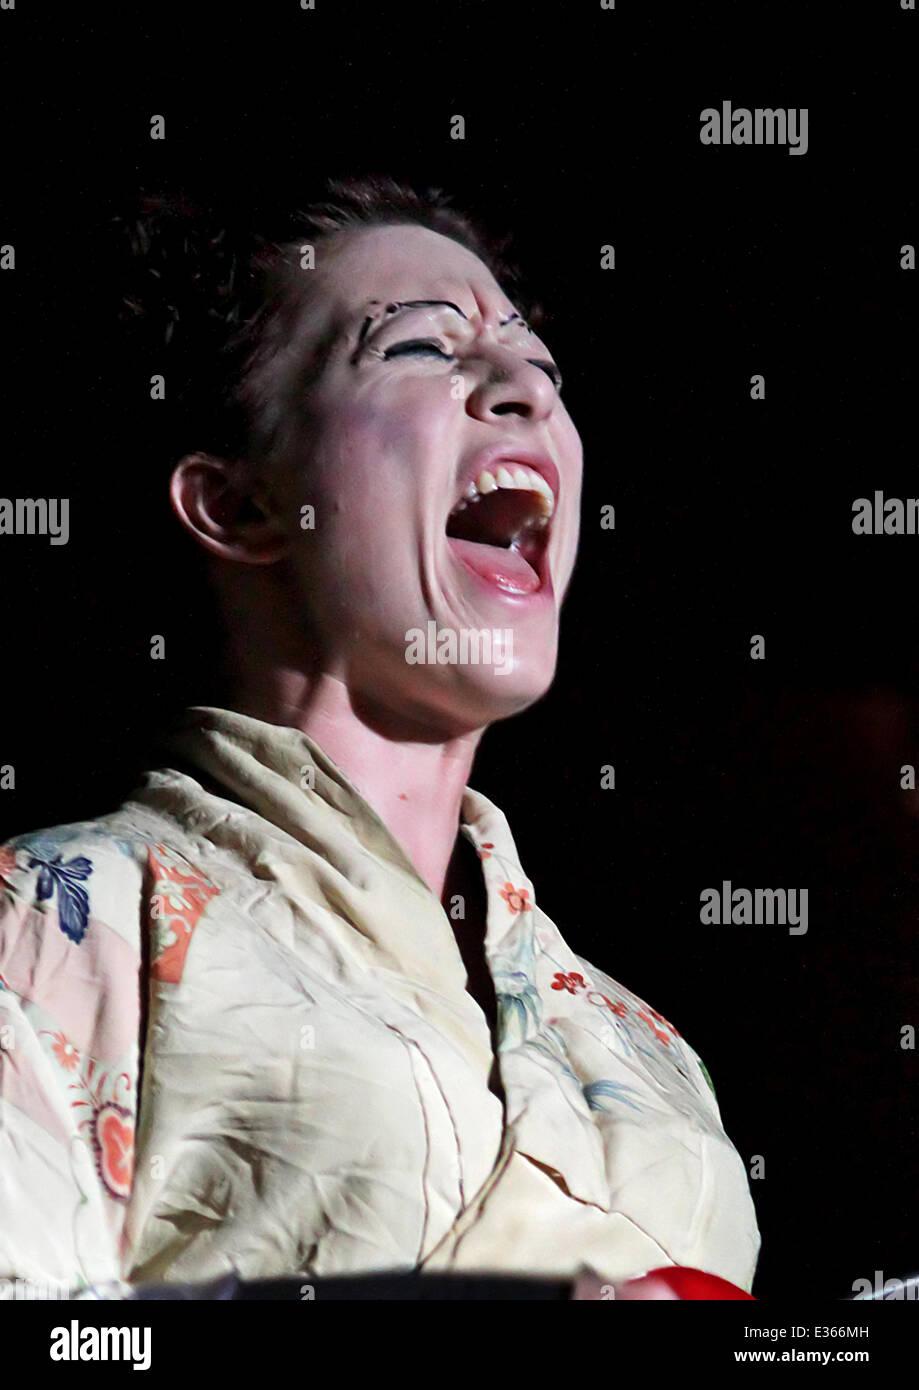 Amanda Palmer Images amanda palmer performing at the manchester ritz featuring